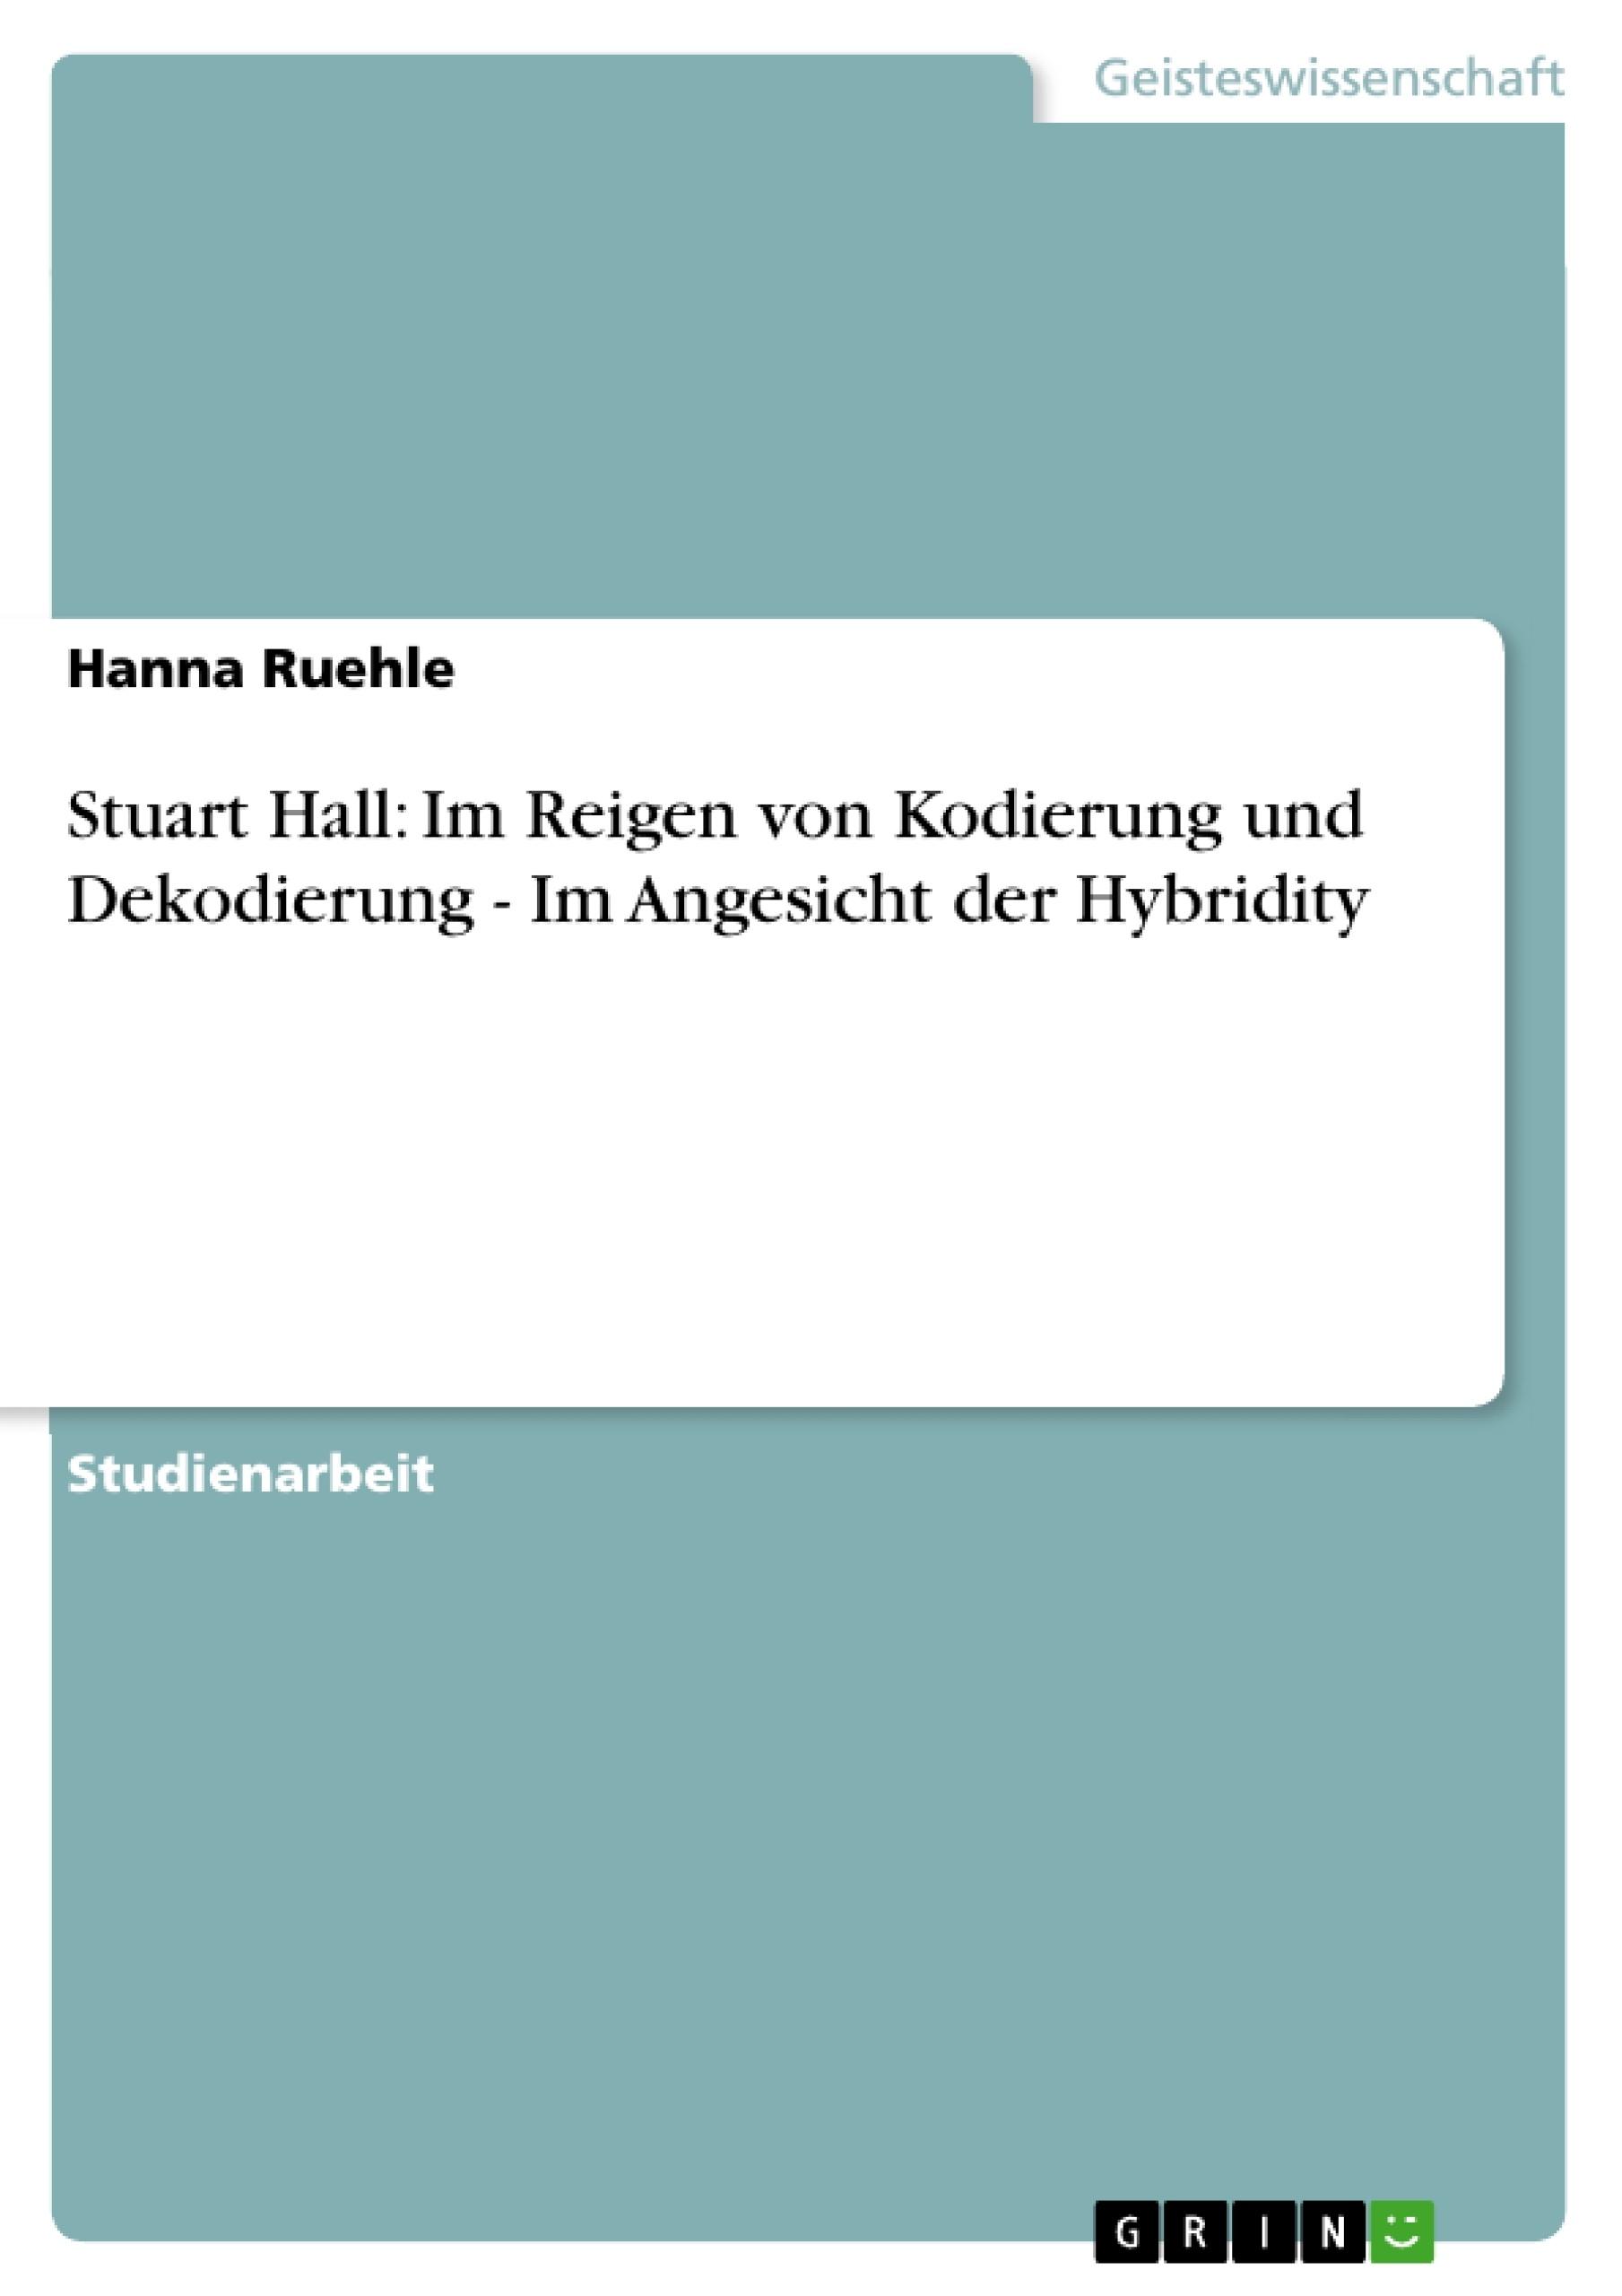 Titel: Stuart Hall: Im Reigen von Kodierung und Dekodierung - Im Angesicht der Hybridity